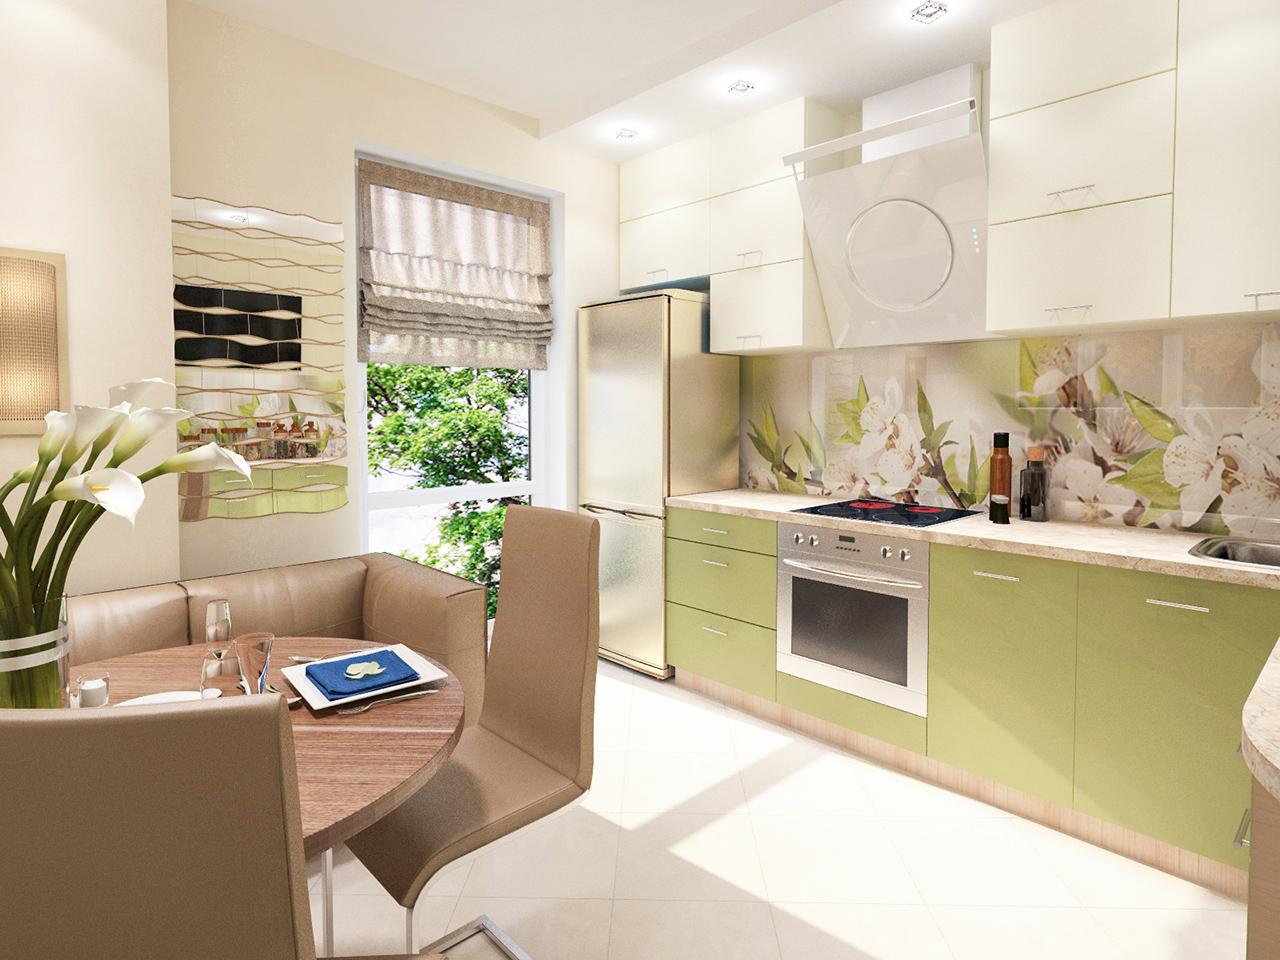 Дизайн интерьера однокомнатной квартиры в ЖК Альбатрос на ул. Левкова, 30